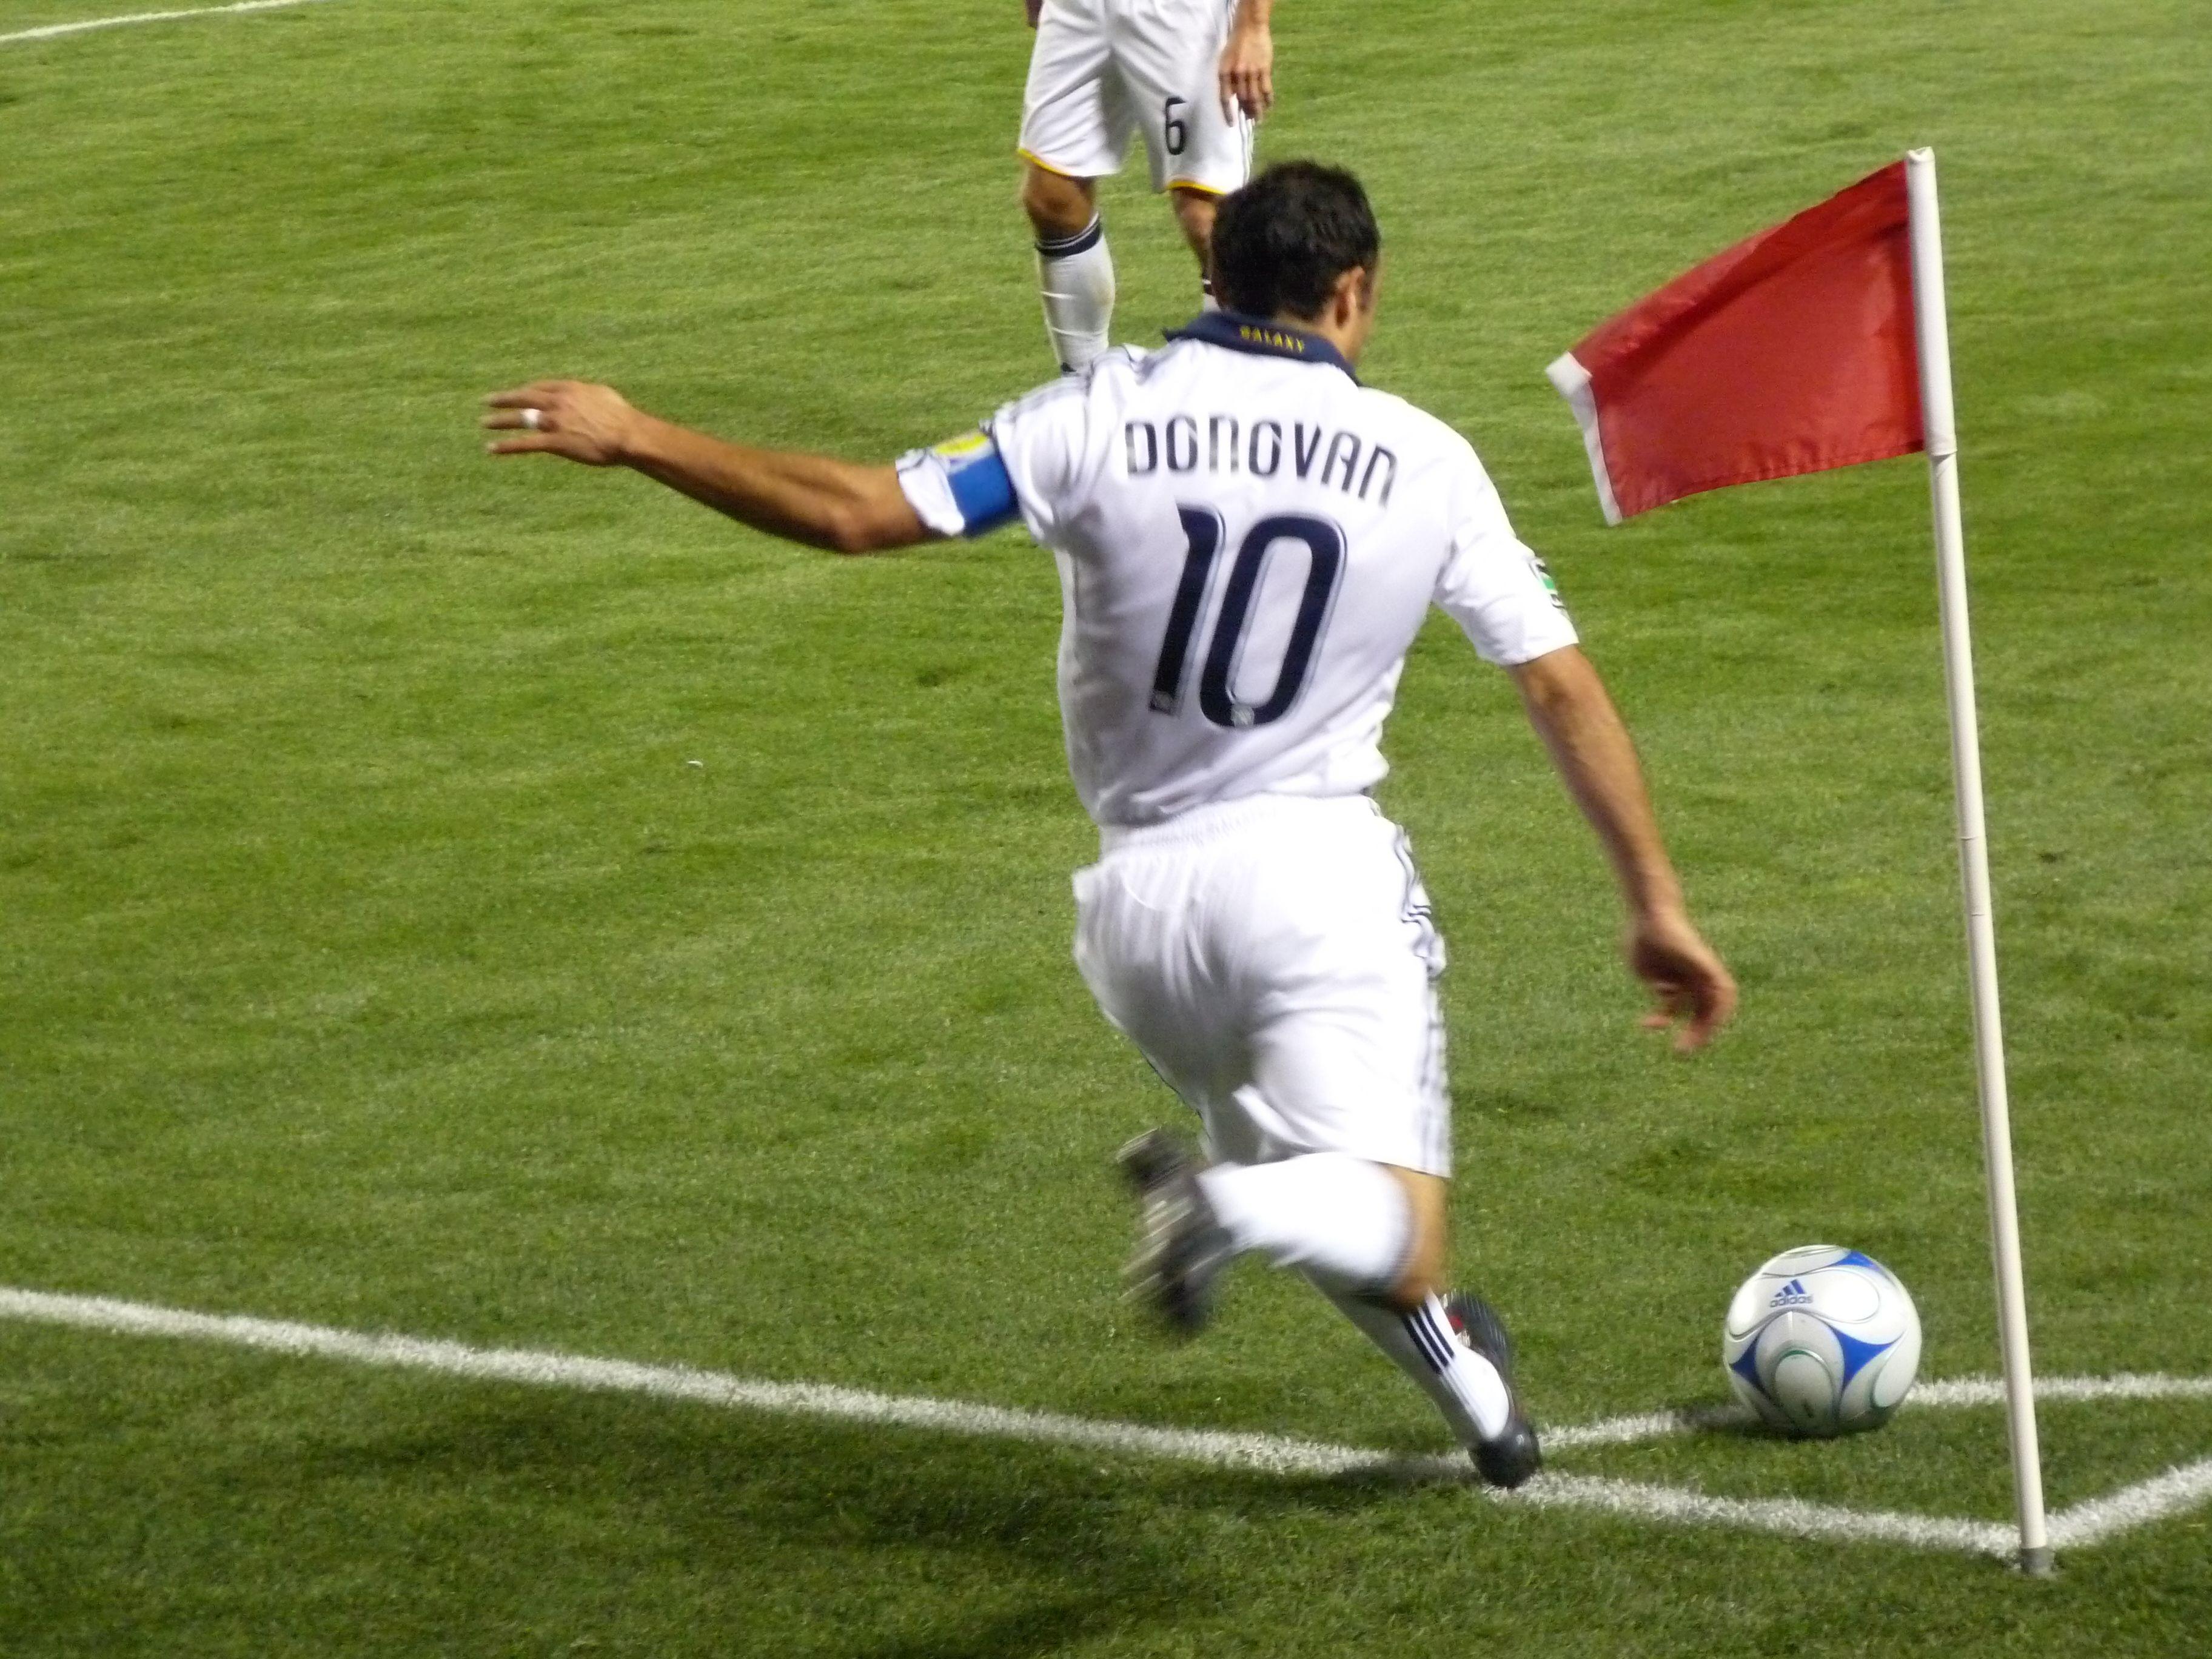 Marcheaza Cate Mai Multe Goluri Din Lovituri De Corner Joaca Acest Campionat De Fotbal Online Pe Echipe Live Soccer Donovan Sports